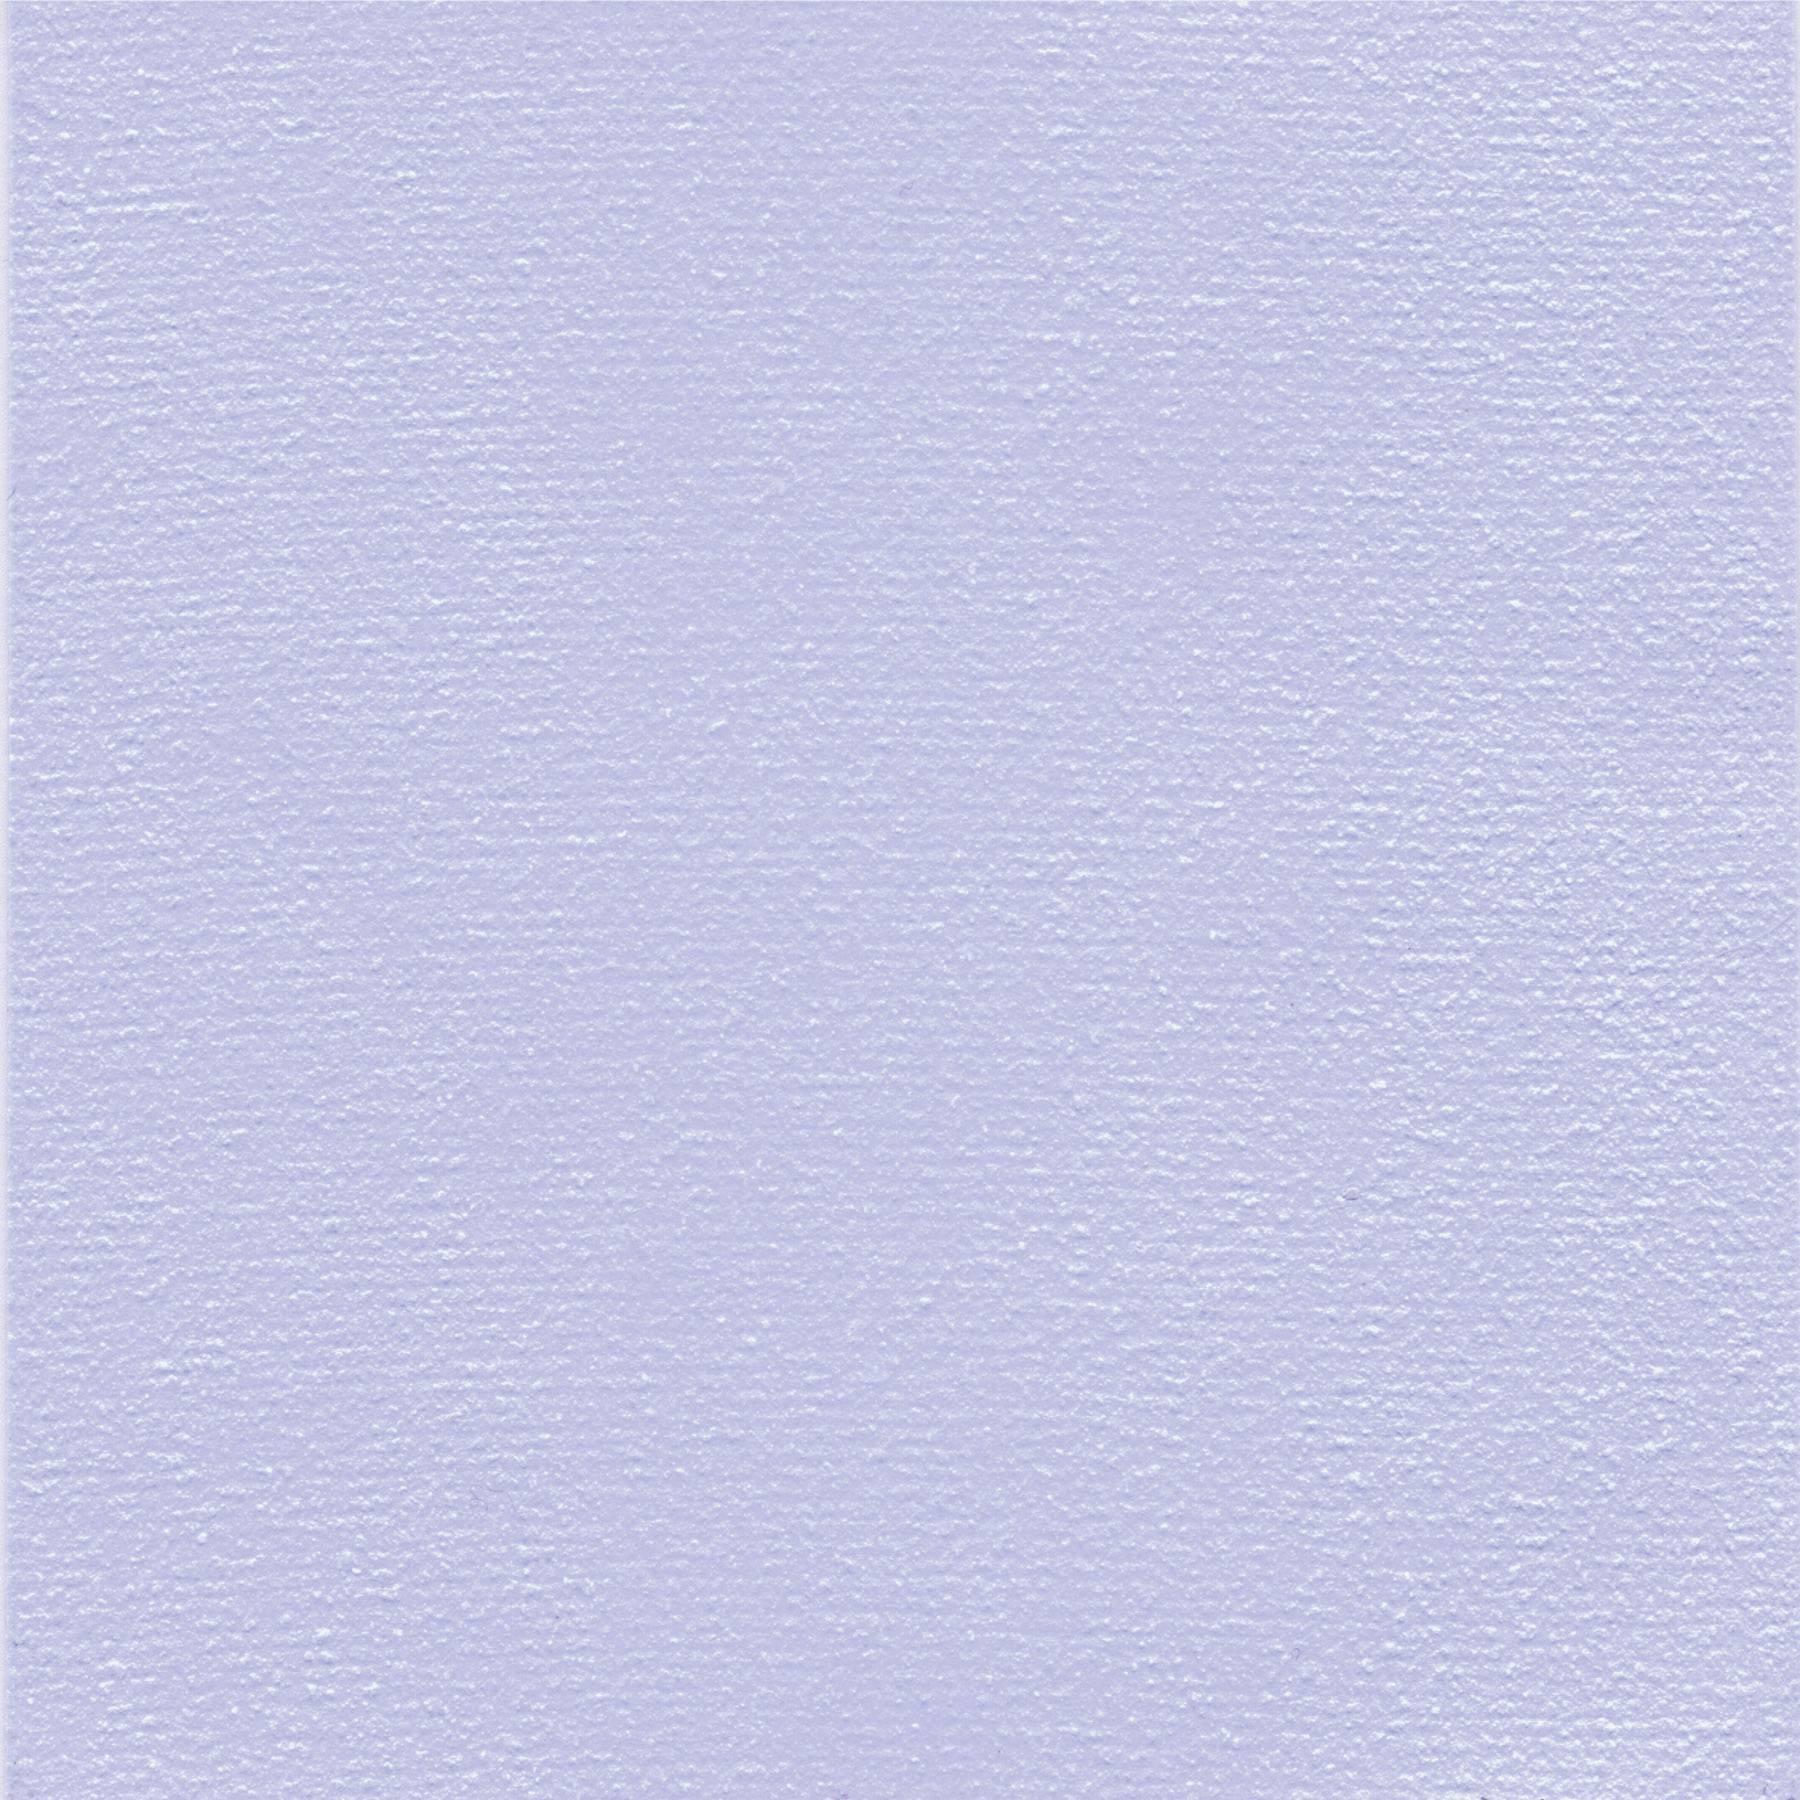 Teplovodivá fólie SoftthermR 86/300 100x100x1 mm